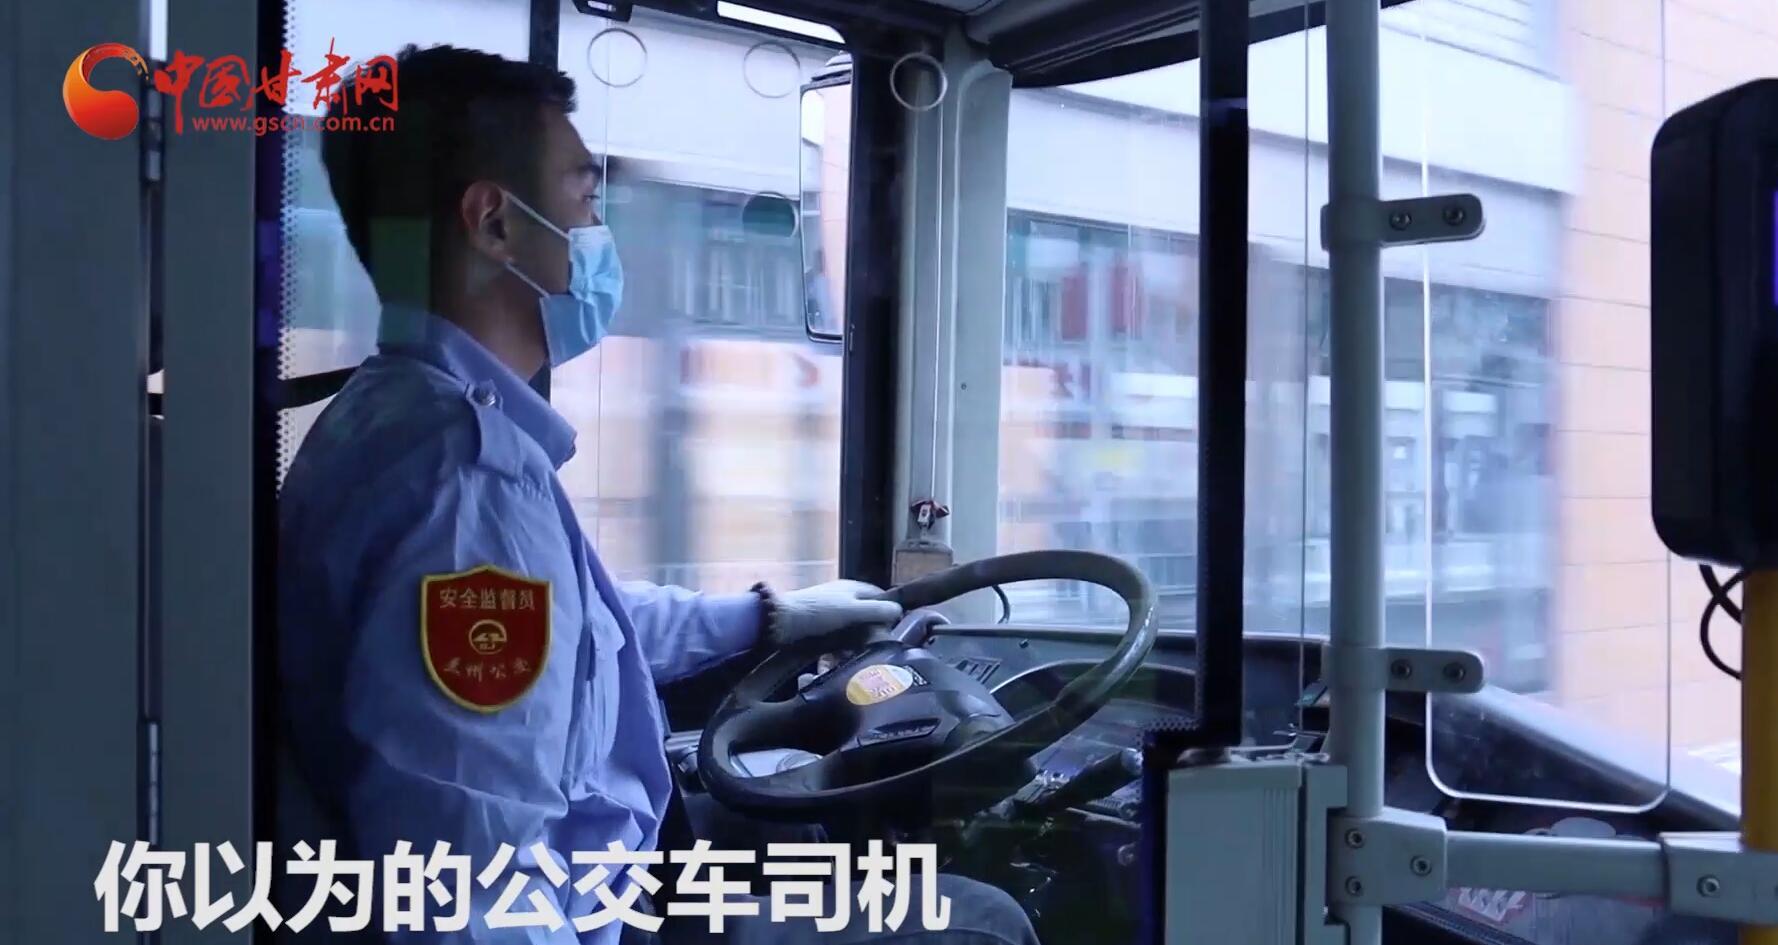 【陇人相】131路公交来了一位年轻人